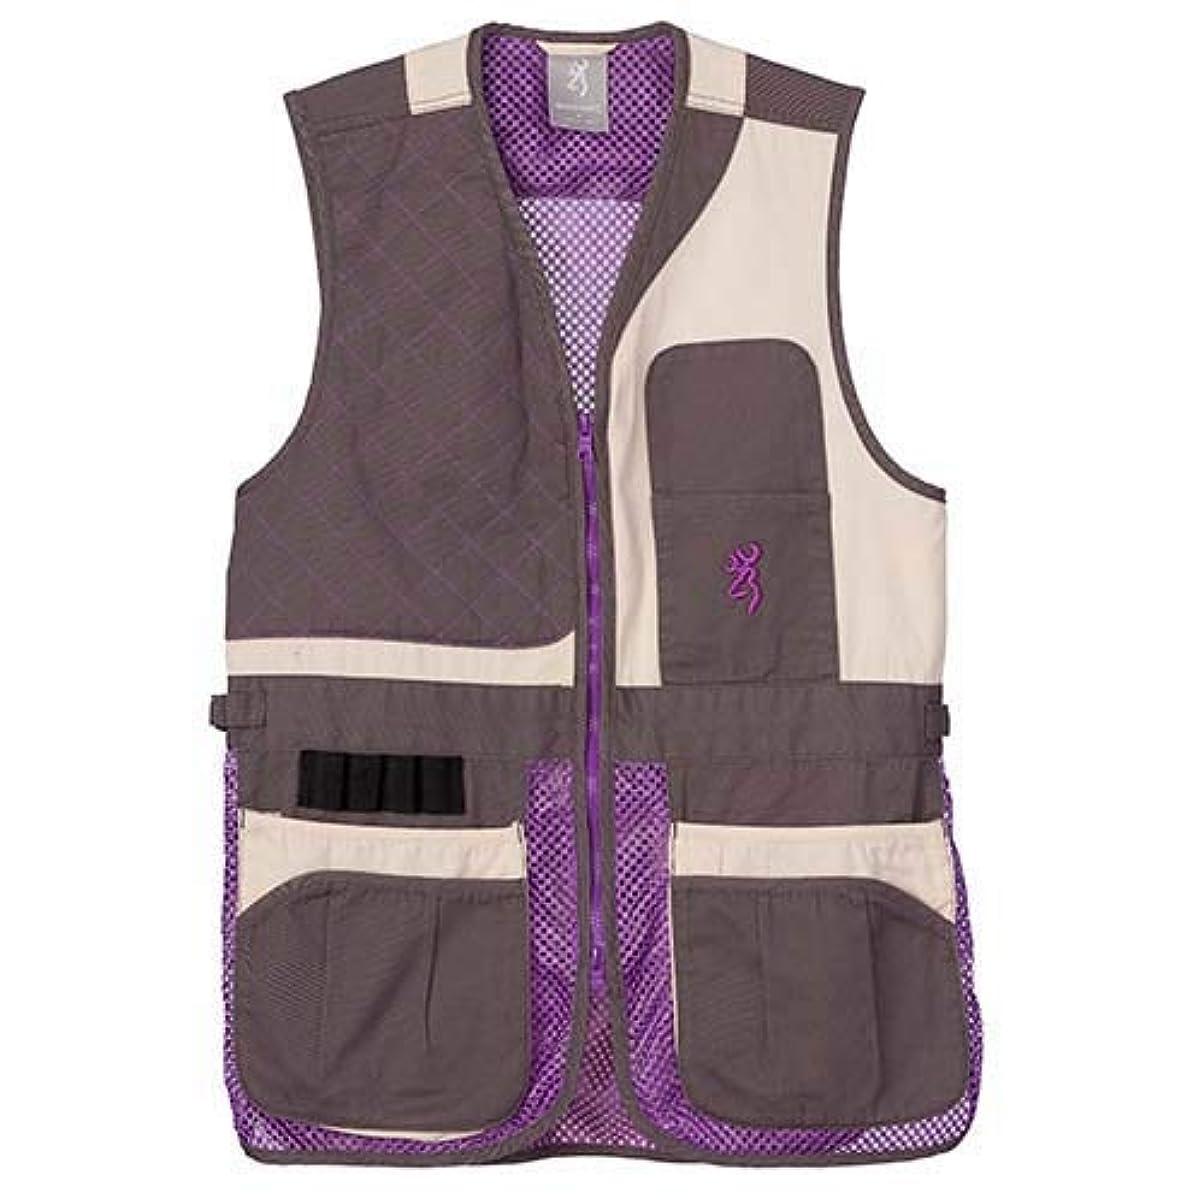 ブランド区別する支出BrowningレディースTrapper CreekメッシュShooting vest-cream/Plum/グレー